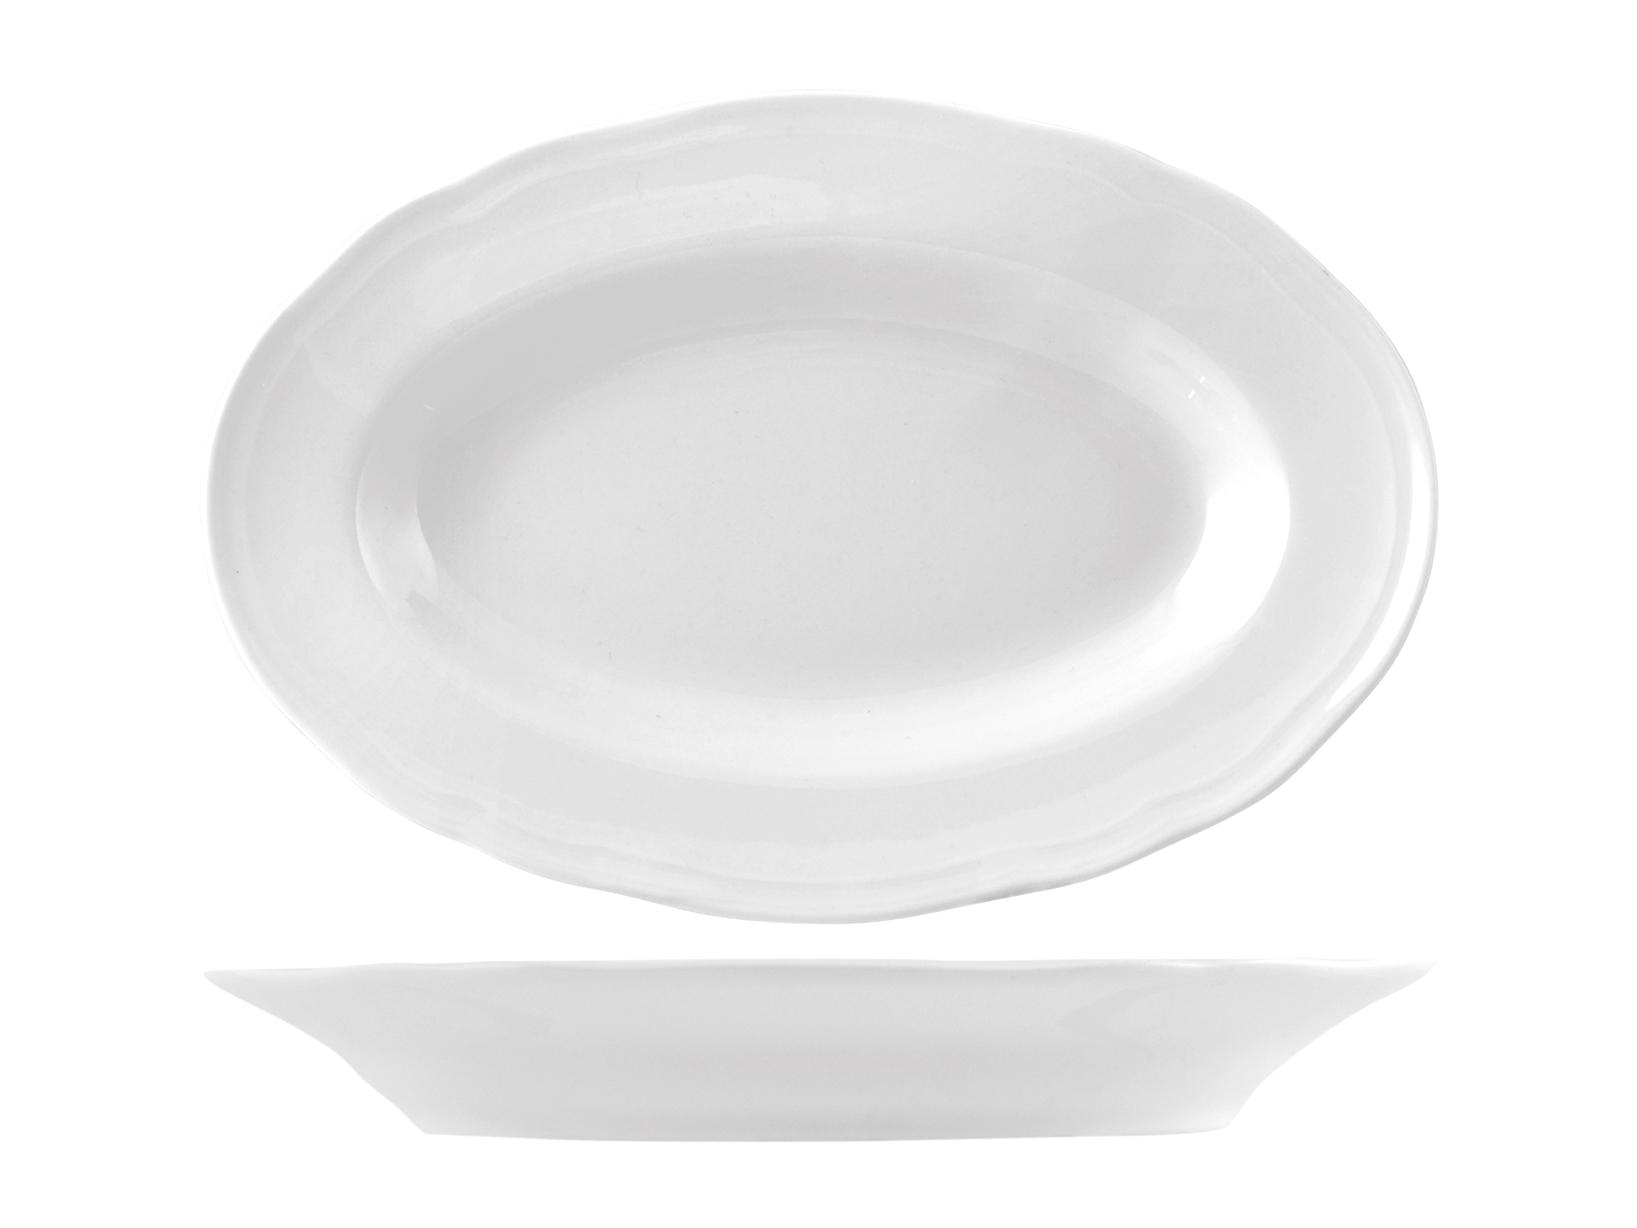 Piatto In Porcellana Alba Bianco Ovale Cm 23